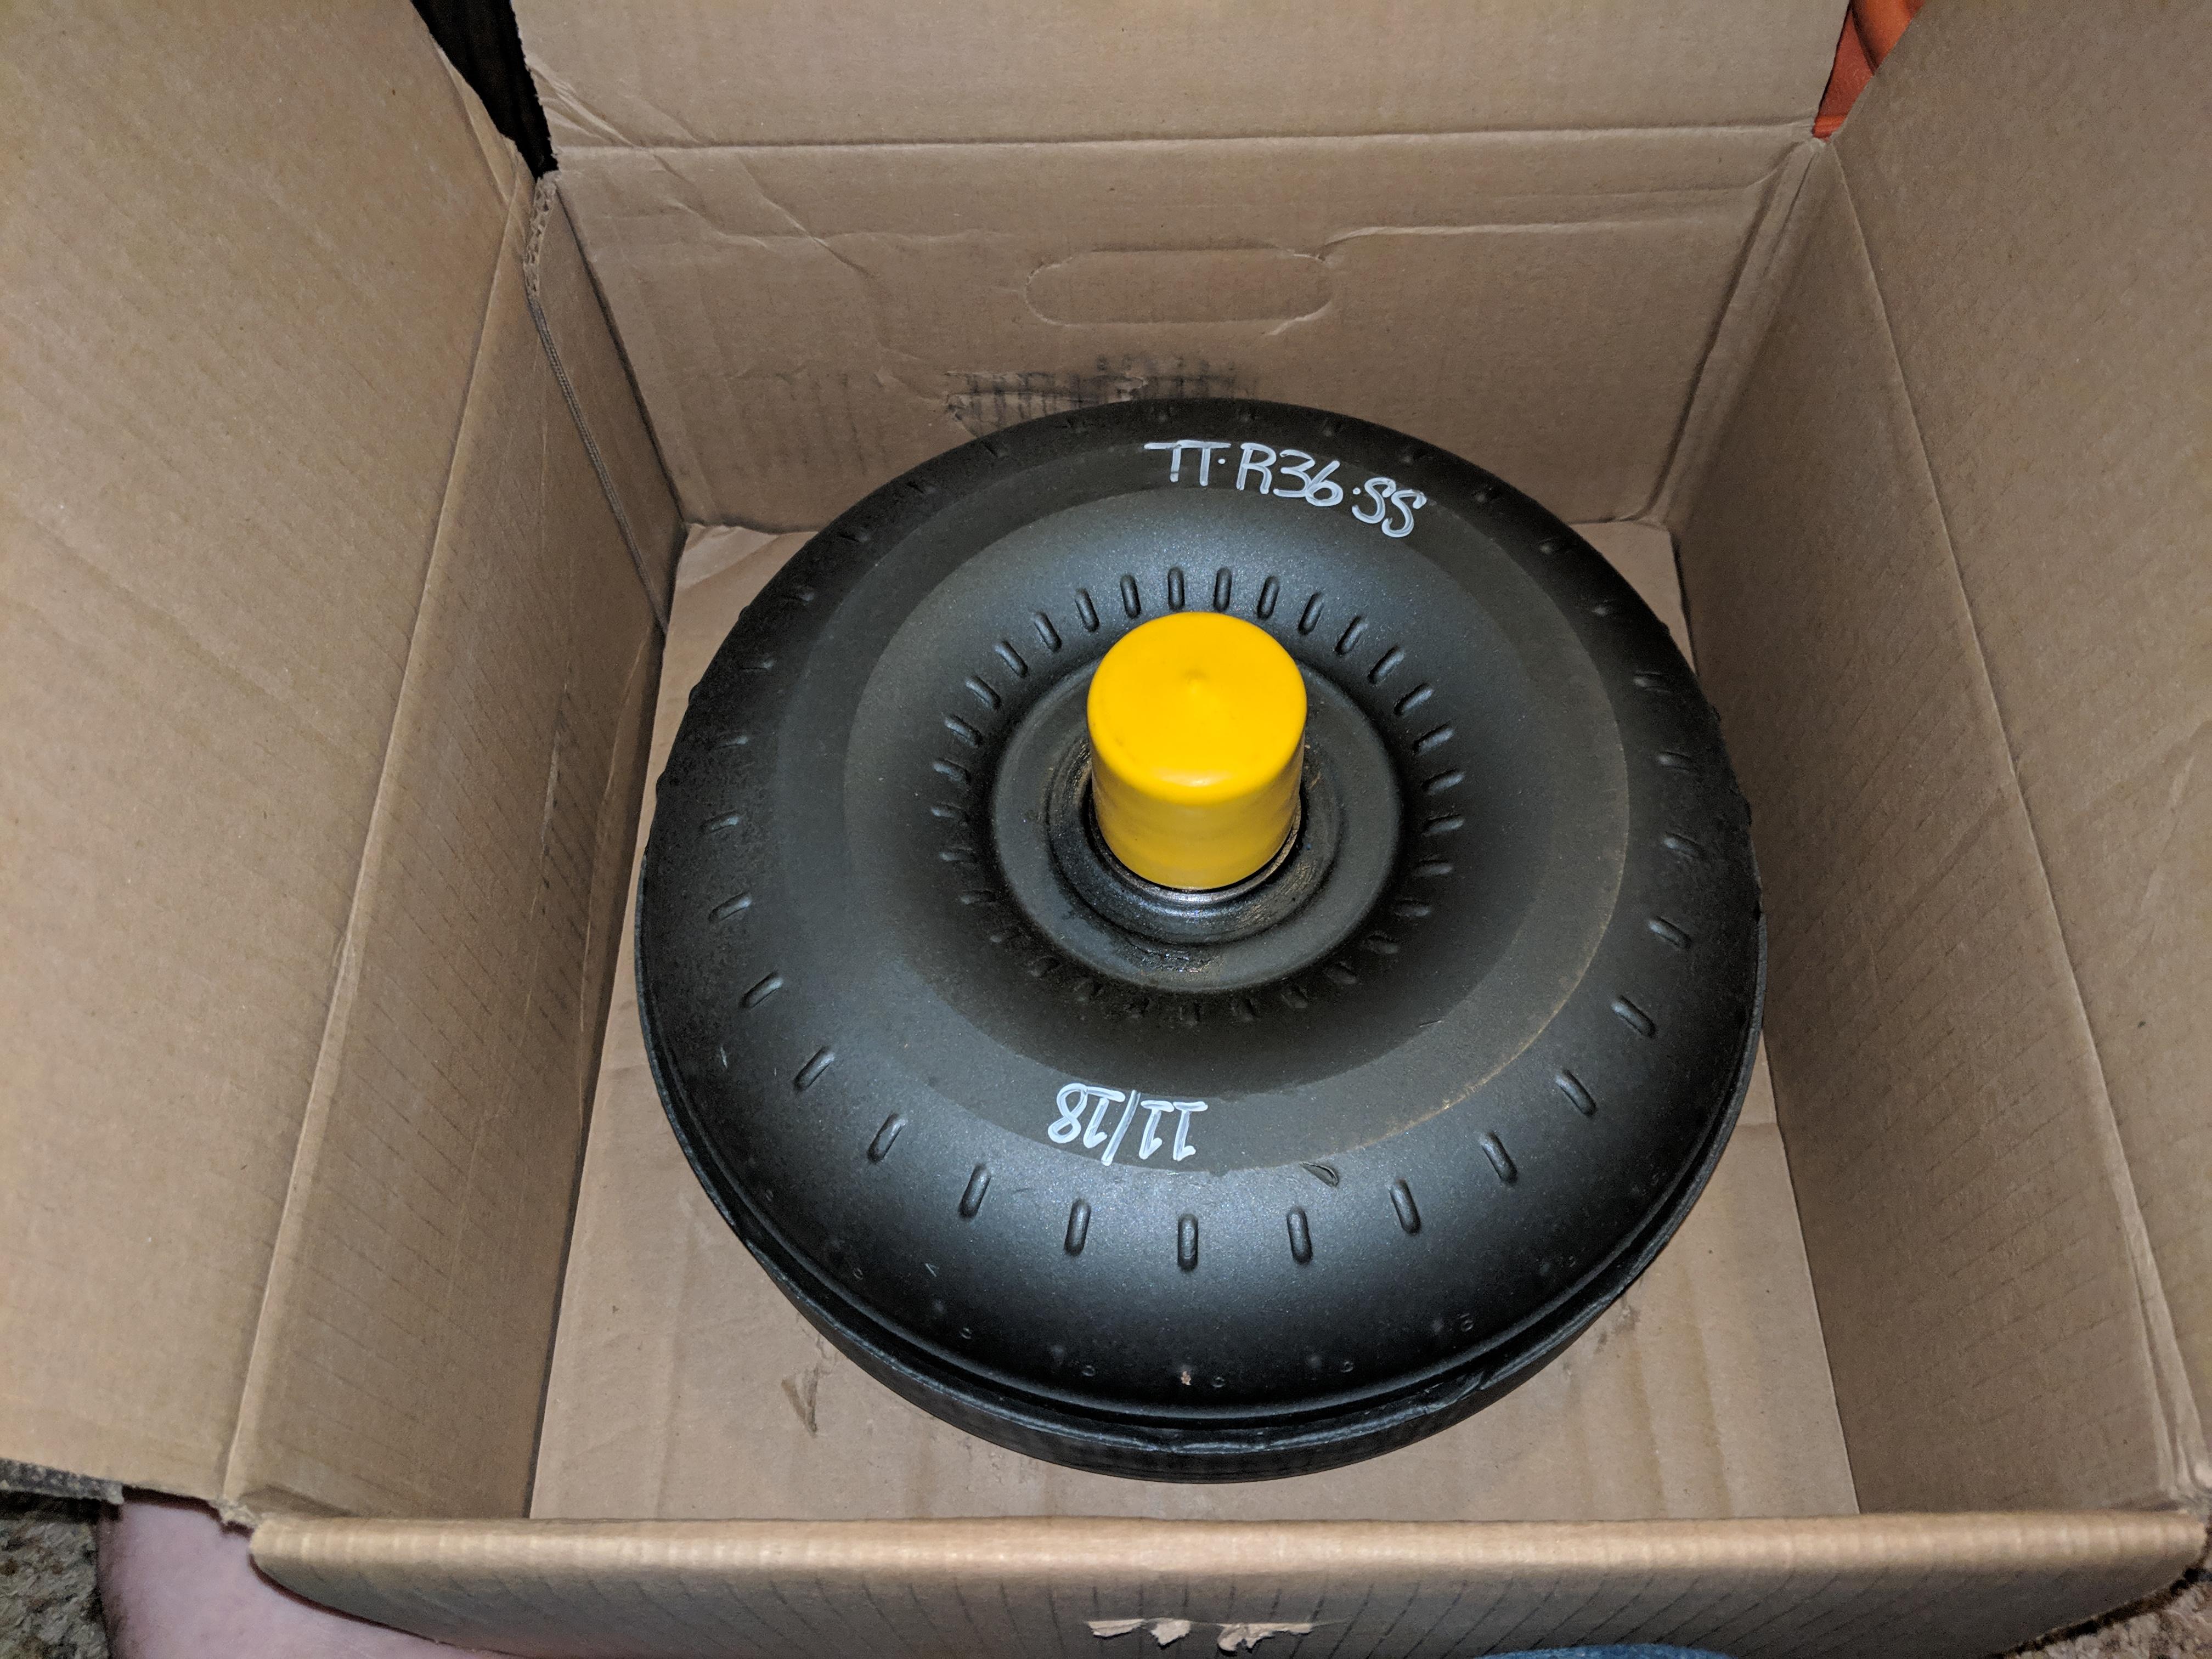 2012 Durango RT 392 Swap-img_20181230_231302.jpg